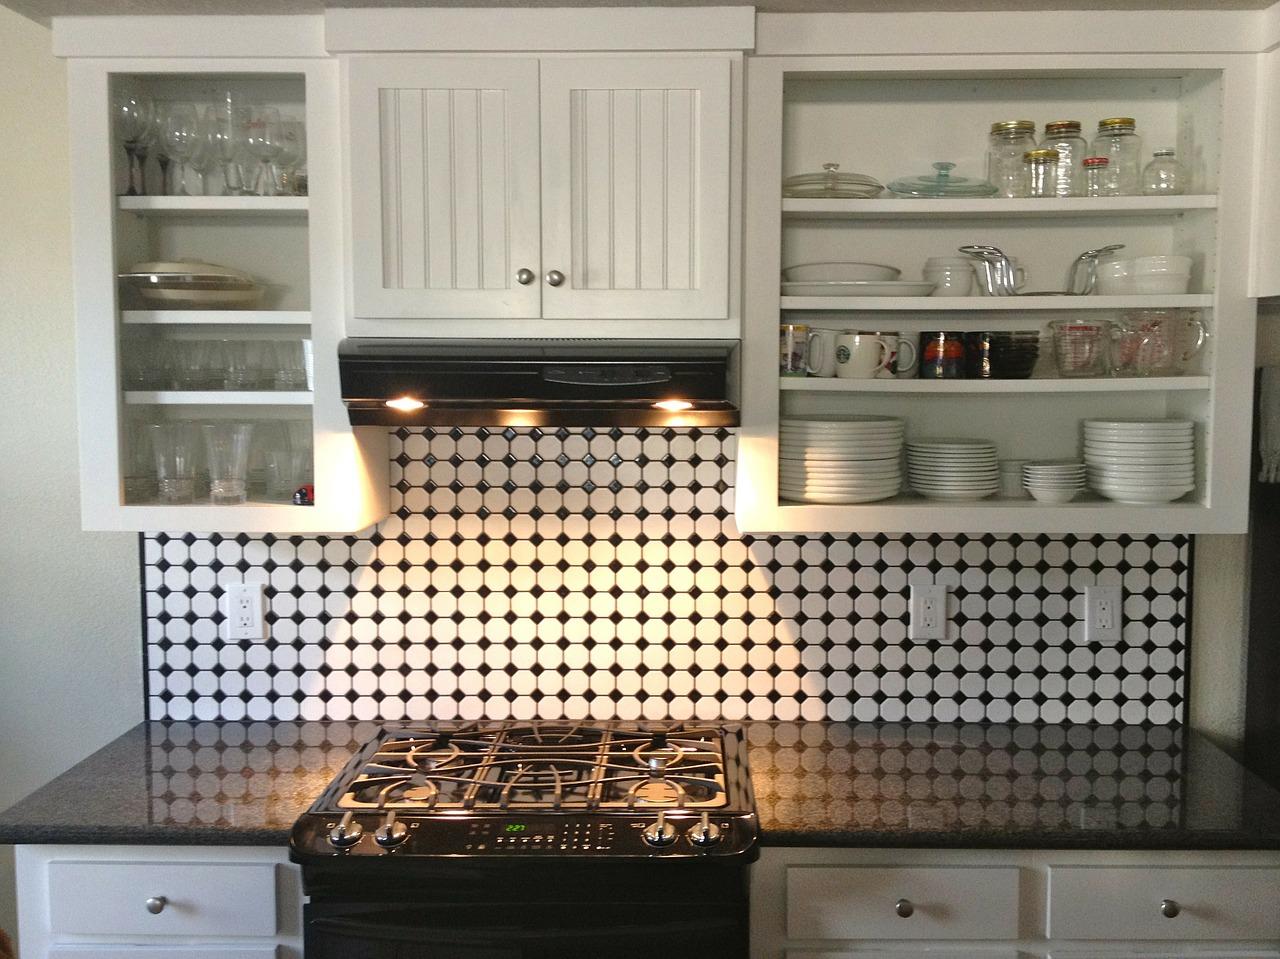 Organizza al meglio la tua cucina - Casa.it